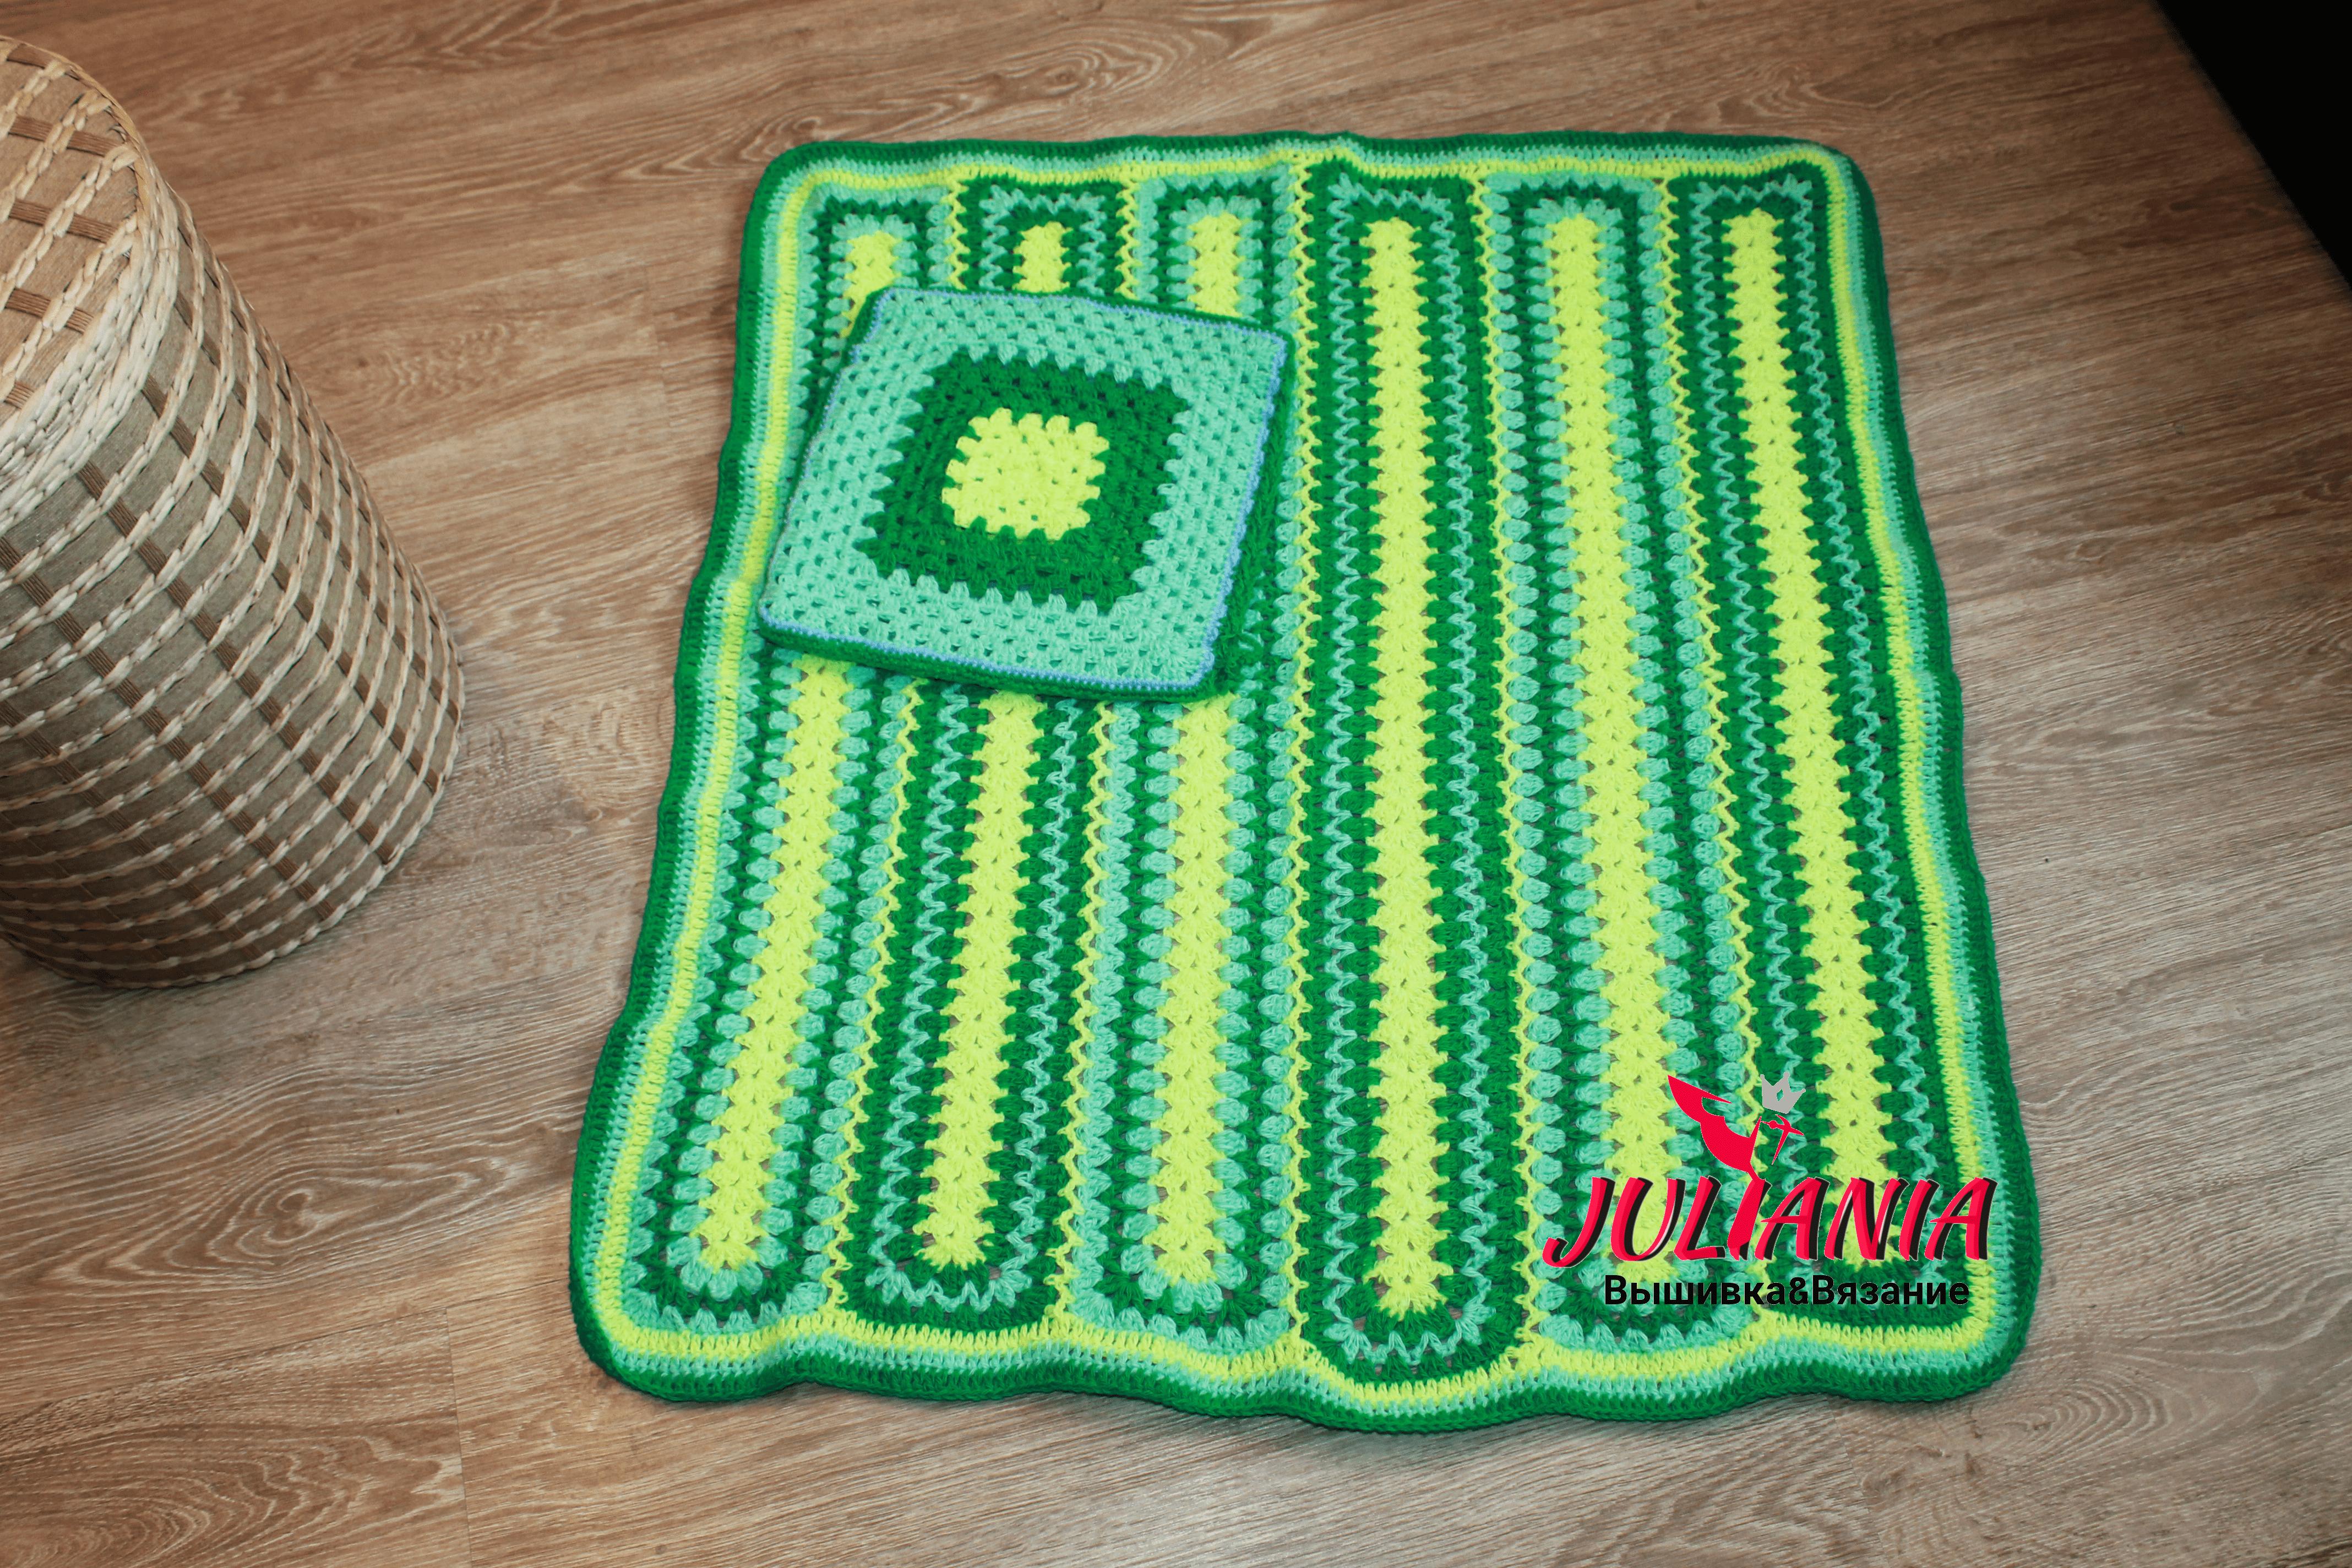 ковер купить новорожденного ручной малыша работы для plaid mat коврик коверспицами вязаныйковер вязаный коляску handmade blanket детскую детский пол ярко зелёный плед